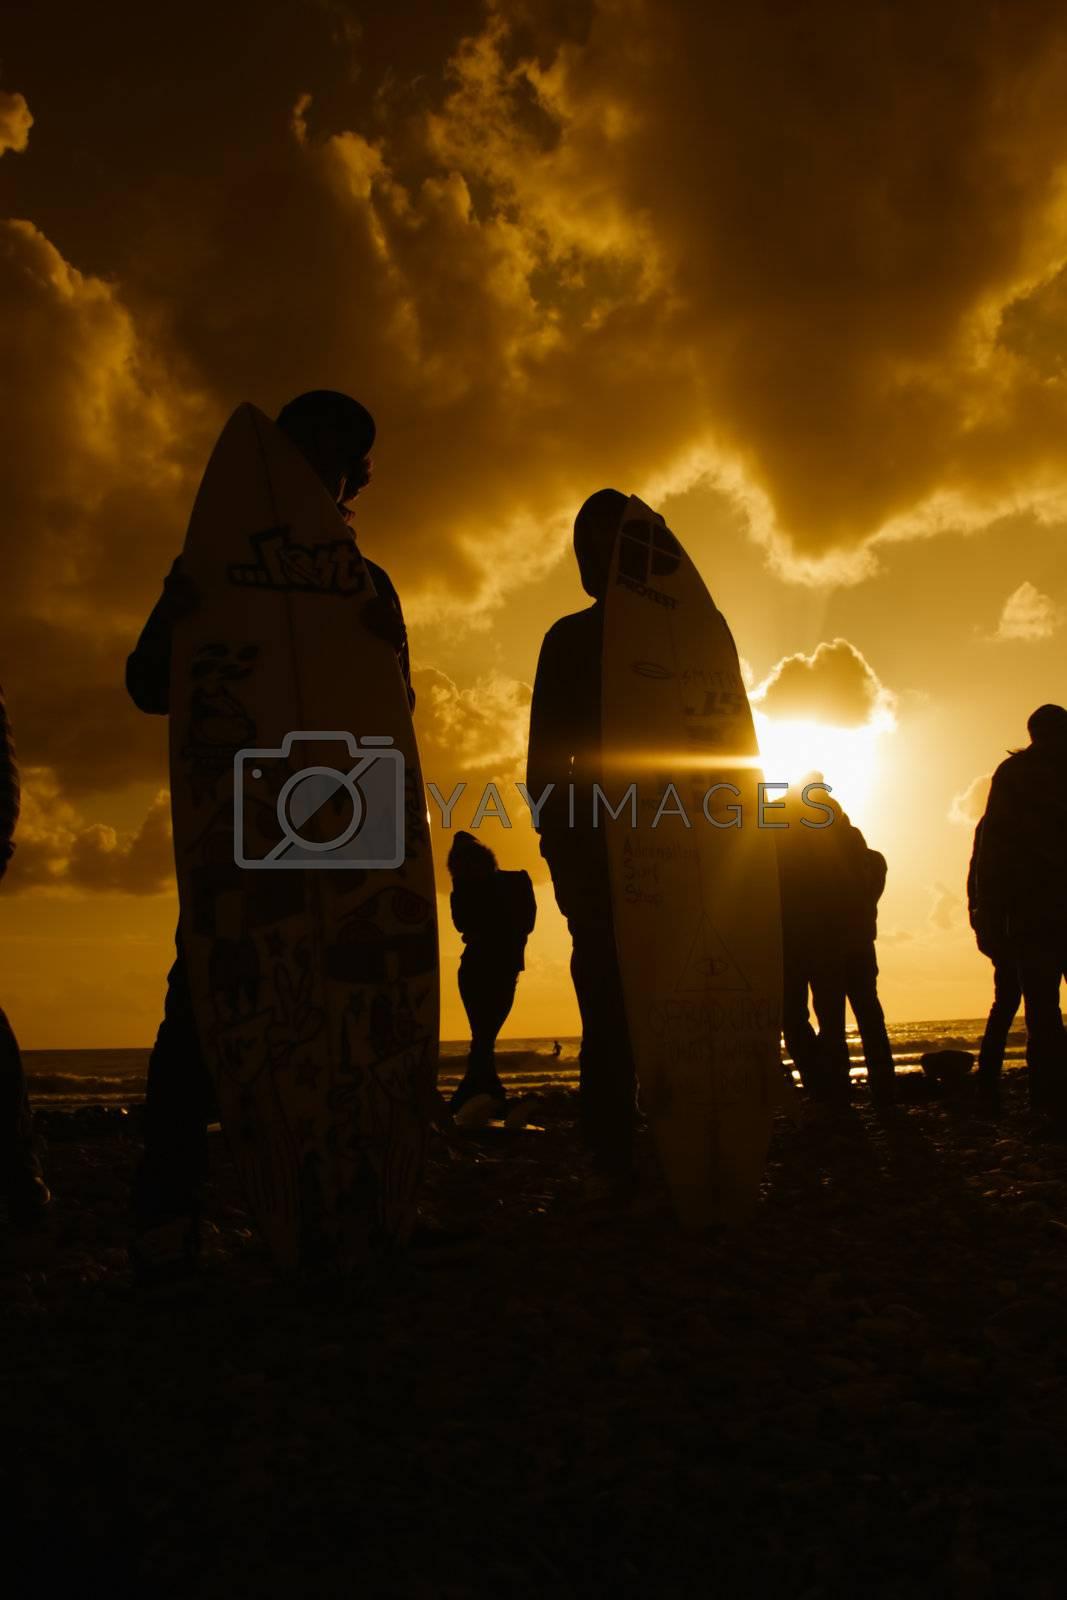 sunset, sea, people, landscape, people, surf, sun, beach, beaches, sunset, sea, people, landscape, people, surf, sun, water, wave,